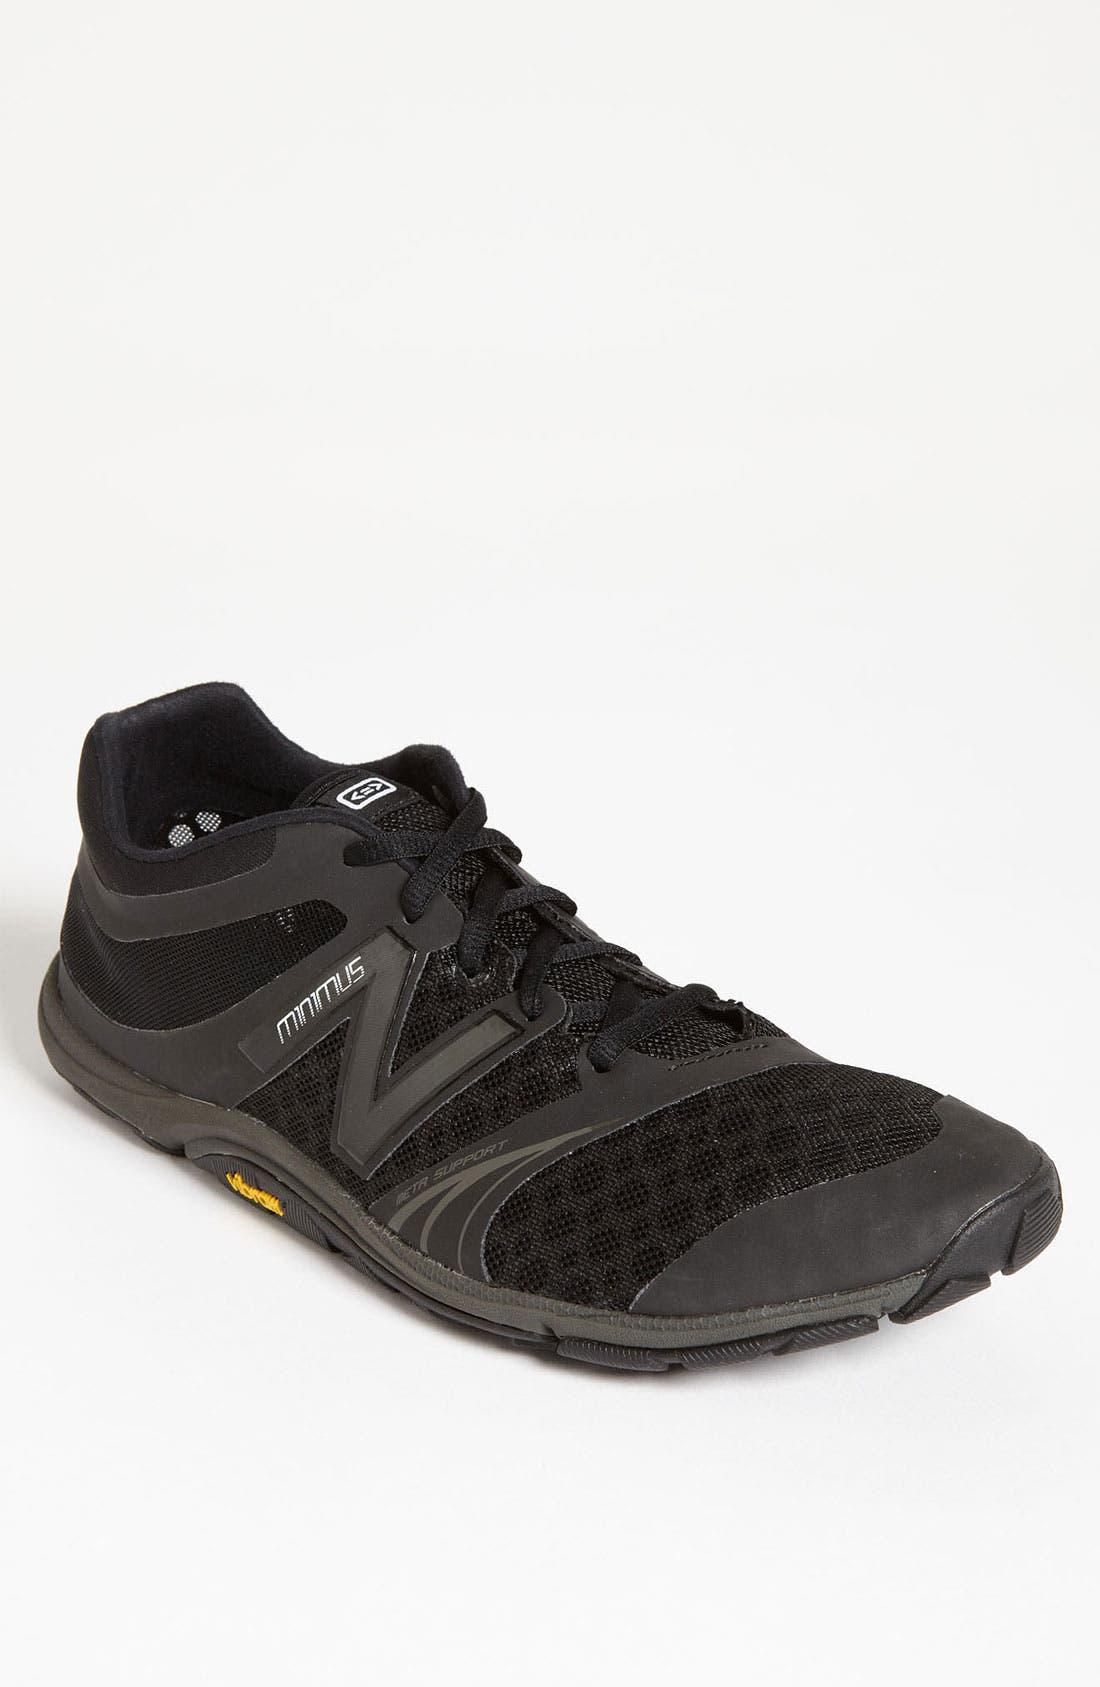 Main Image - New Balance 'Minimus 20v3' Training Shoe (Men)